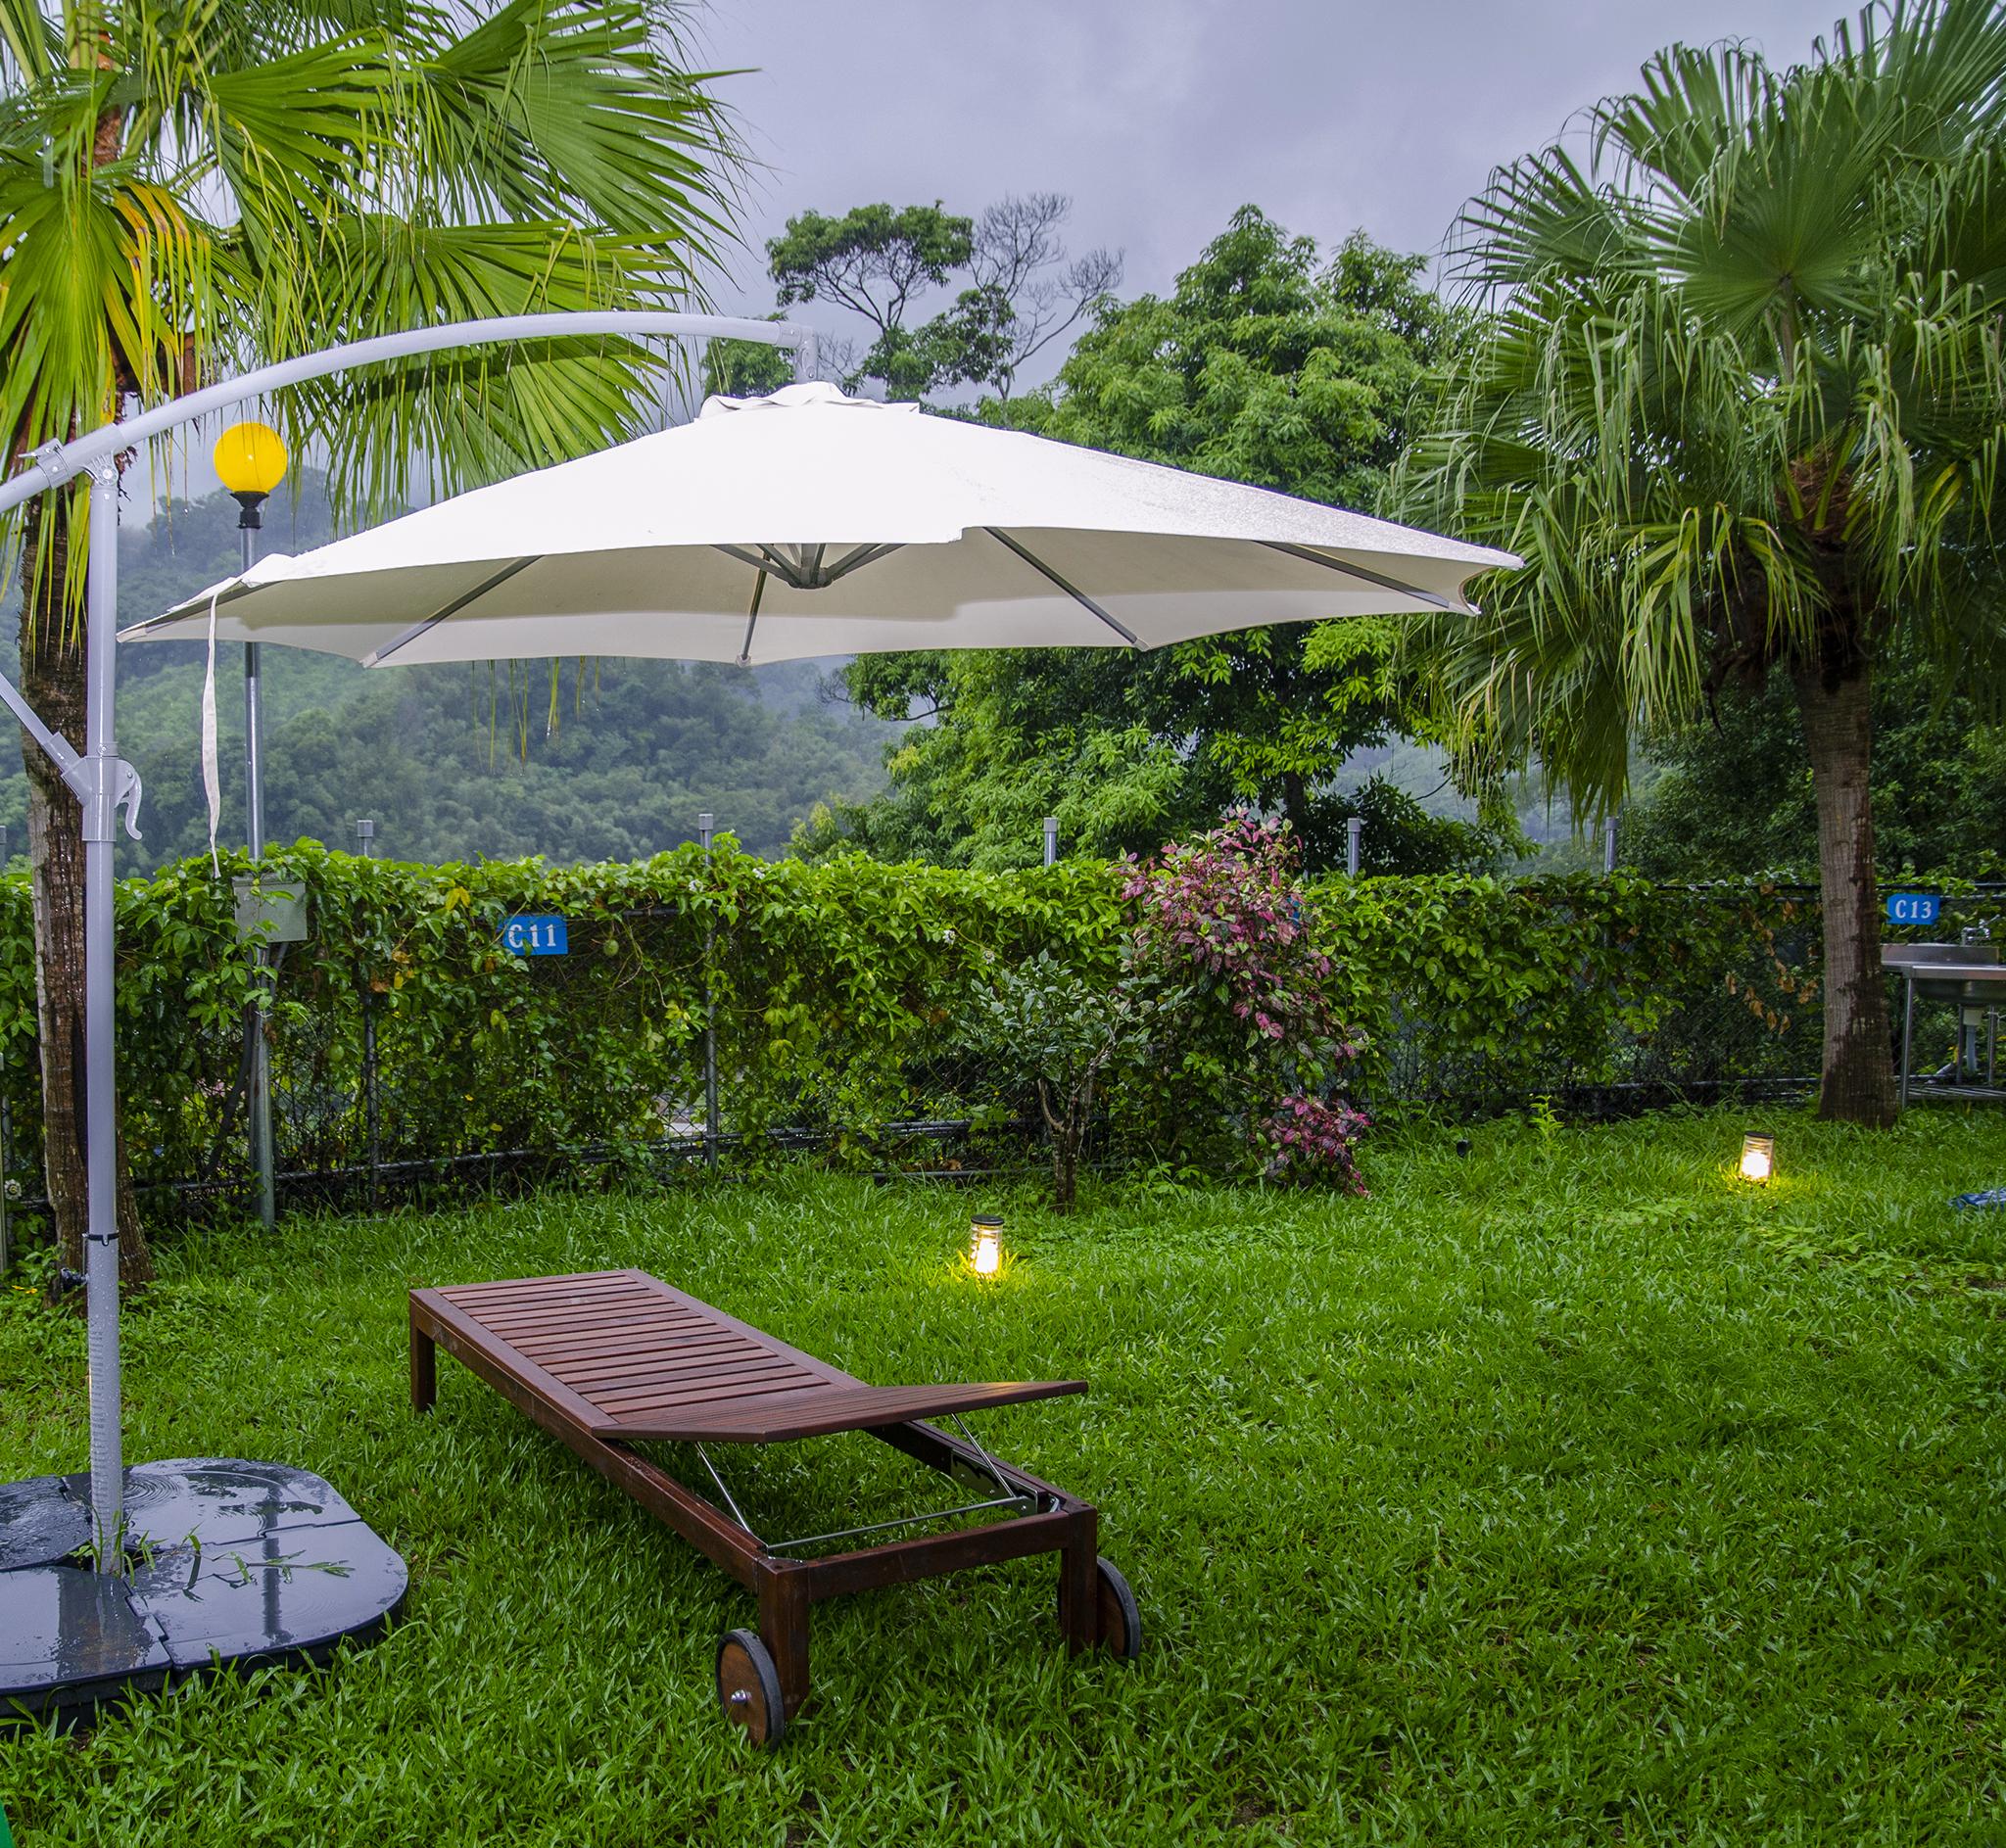 微笑山丘VIP區營地,提供觀景躺椅及陽傘,讓露營也能五星級。